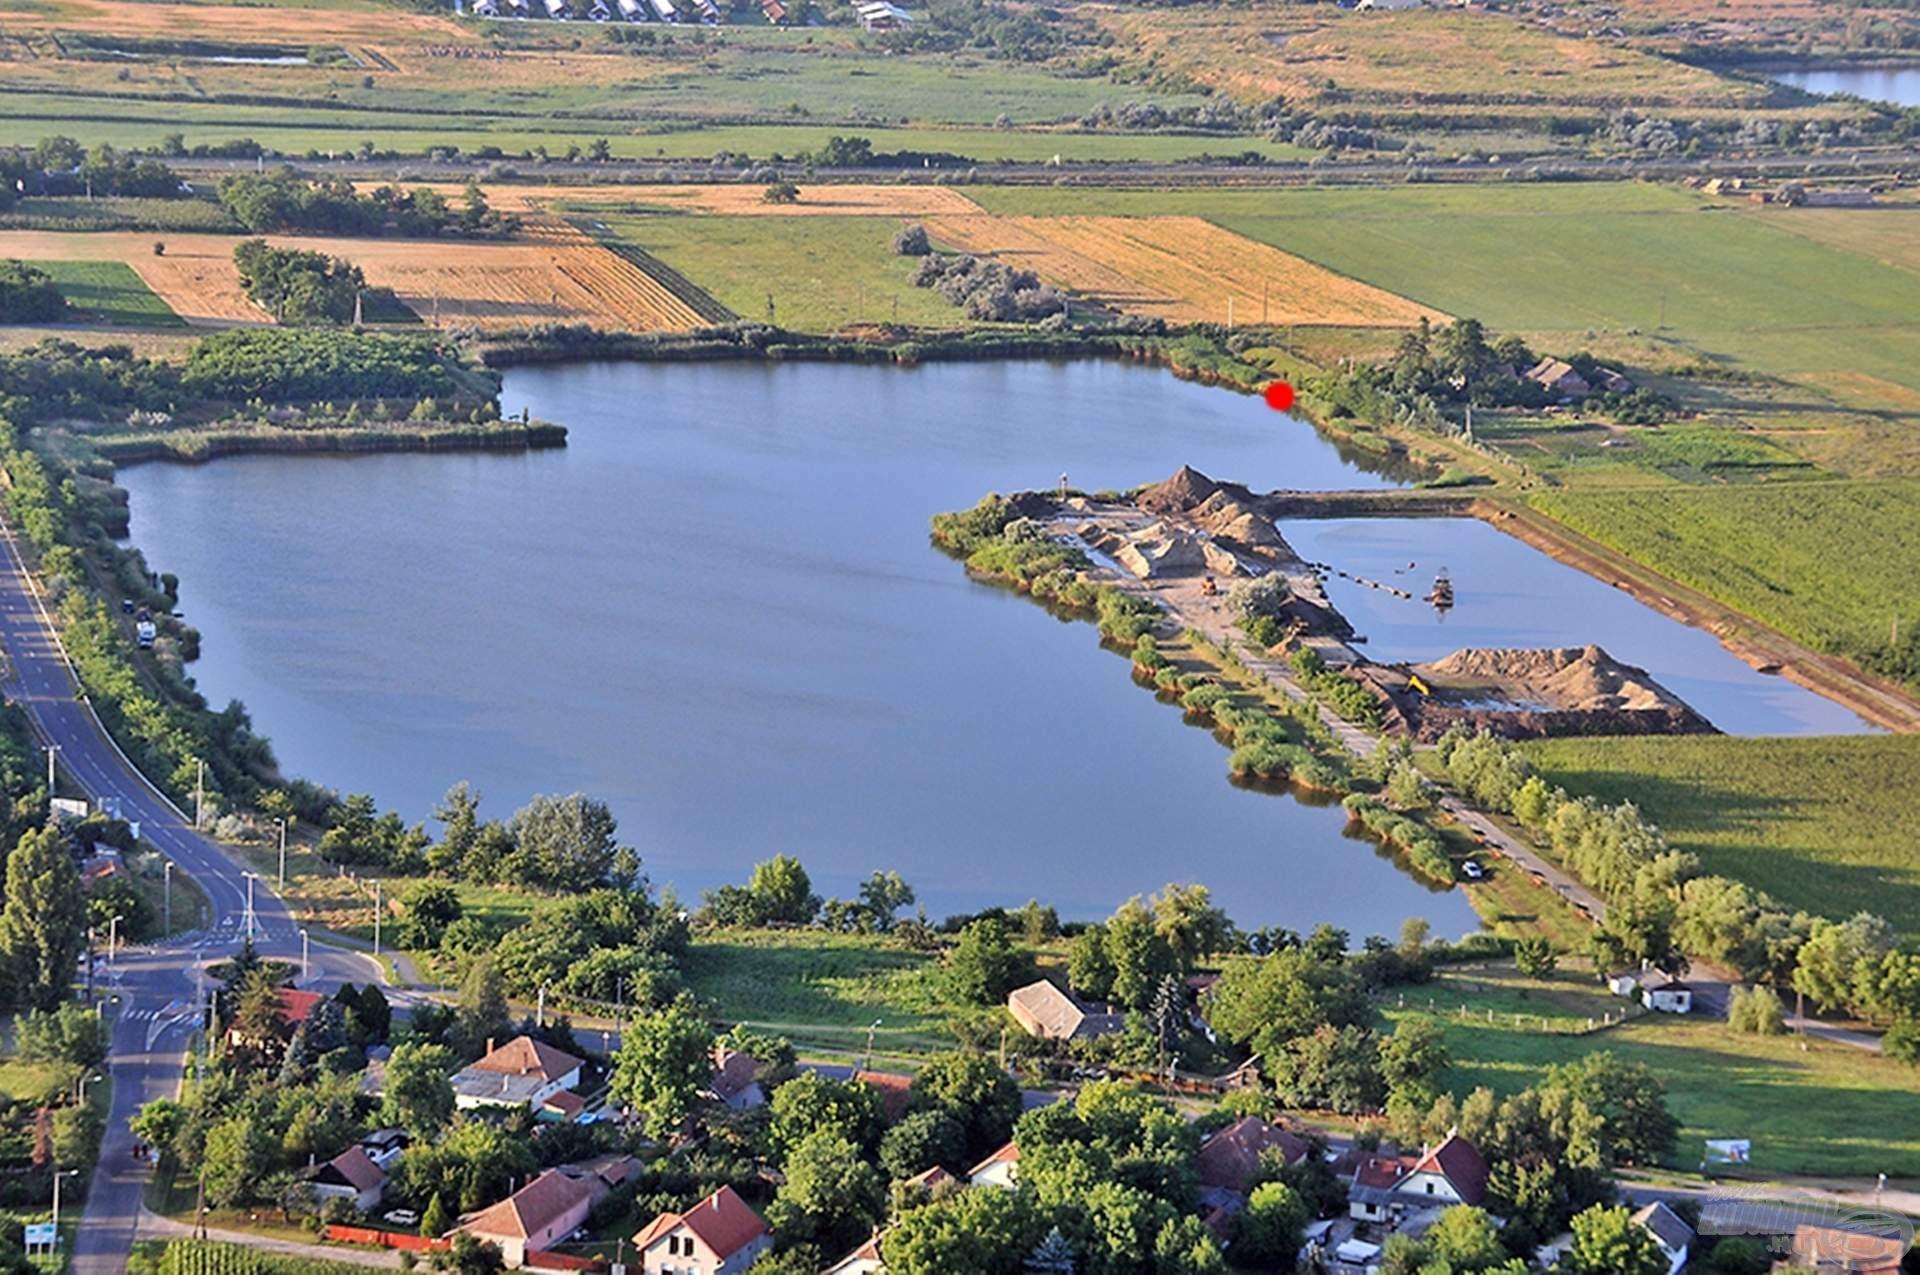 A tó látképe madártávlatból. A piros ponttal jelölt horgászállásra esett a választásom, a továbbiakban kifejtem, hogy milyen tényezők segítettek döntésemben